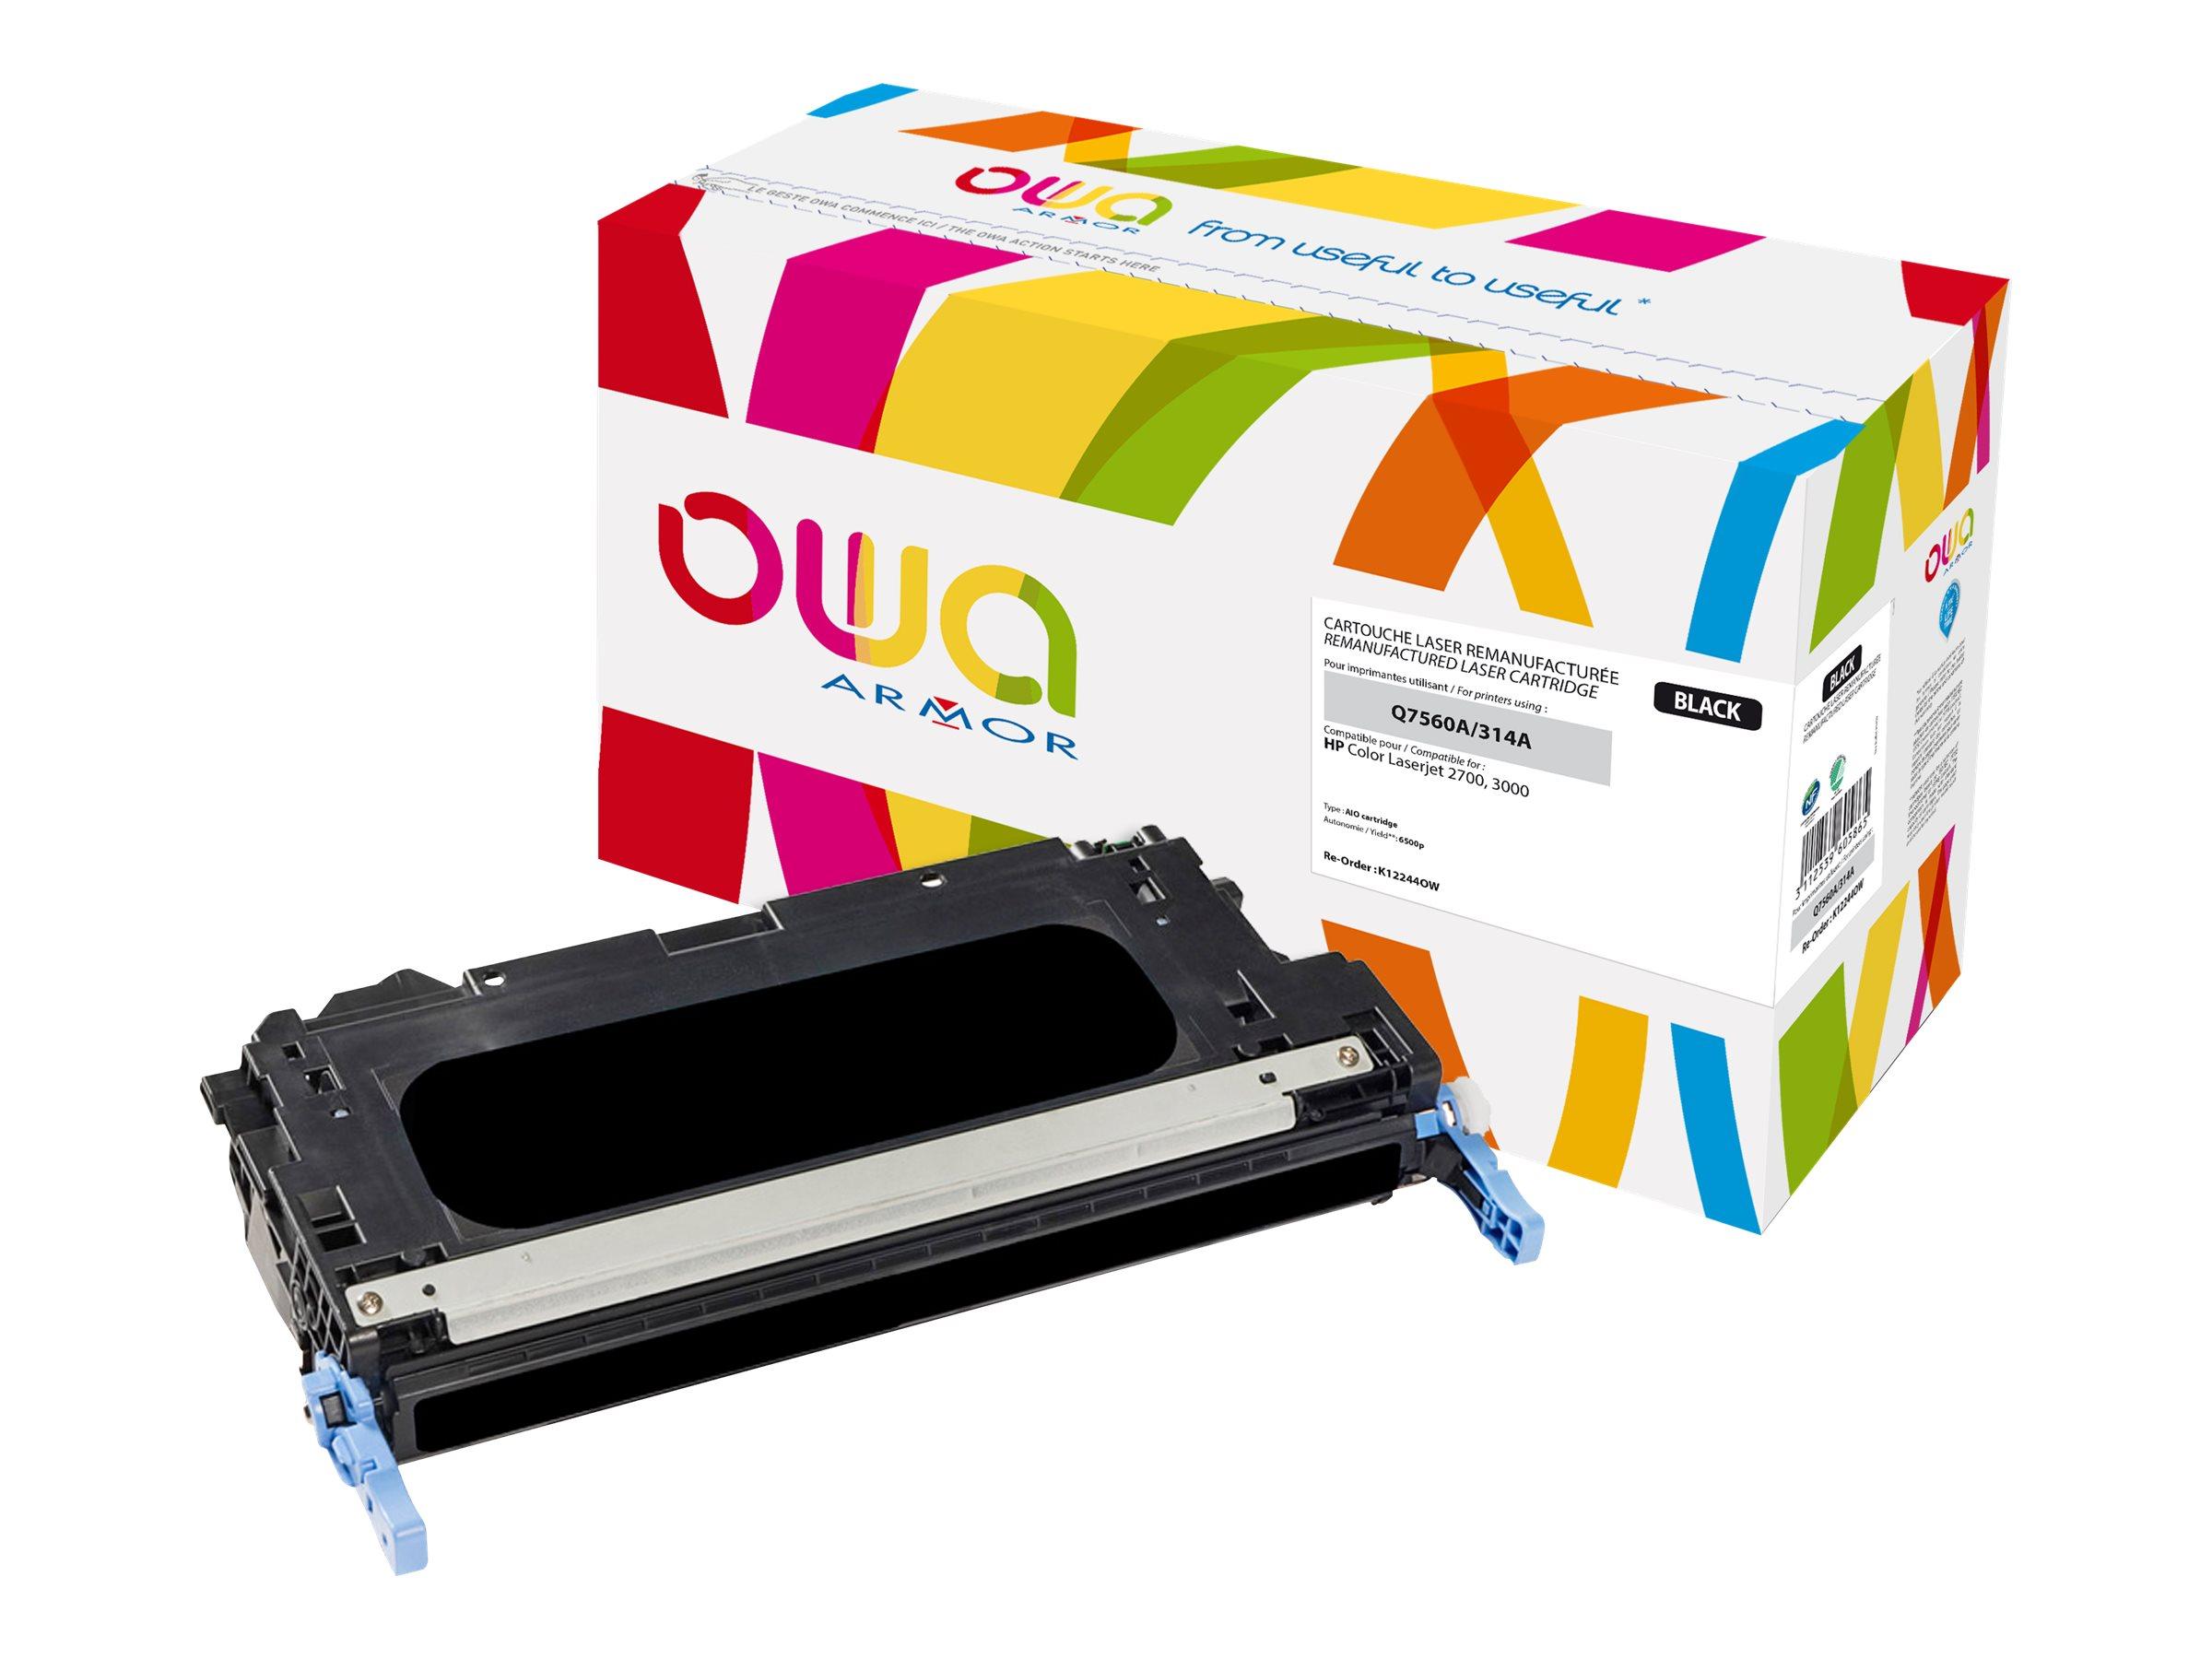 HP 314A - remanufacturé Owa K12244OW - noir - cartouche laser